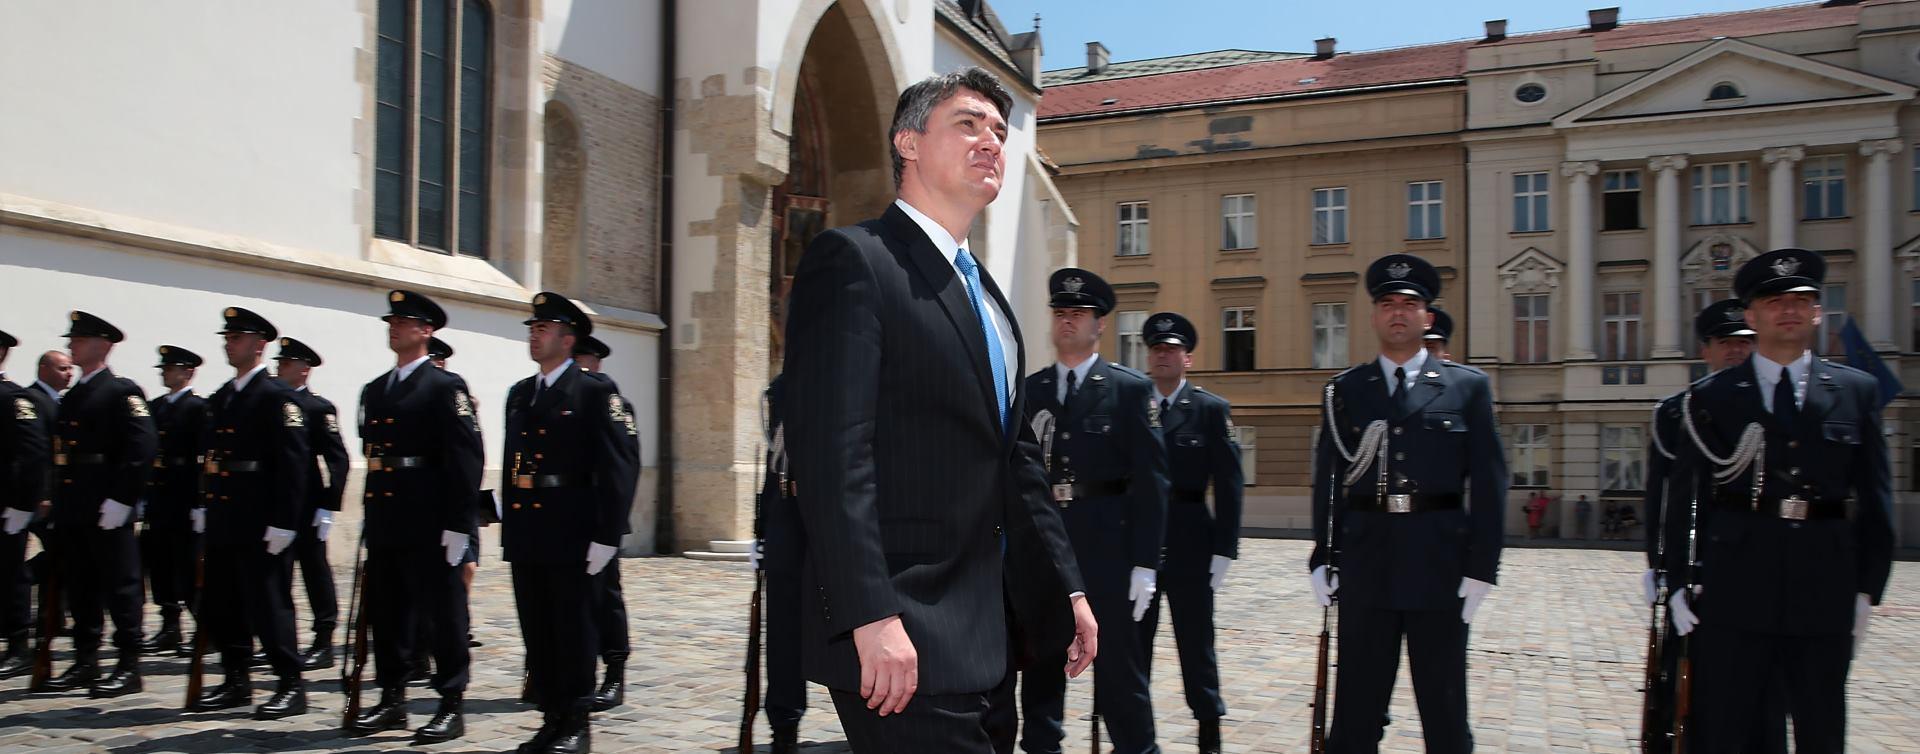 Milanović odbija optužnice iz BiH kojima se Hrvatsku želi optužiti za 'udruženi zločinački pothvat'